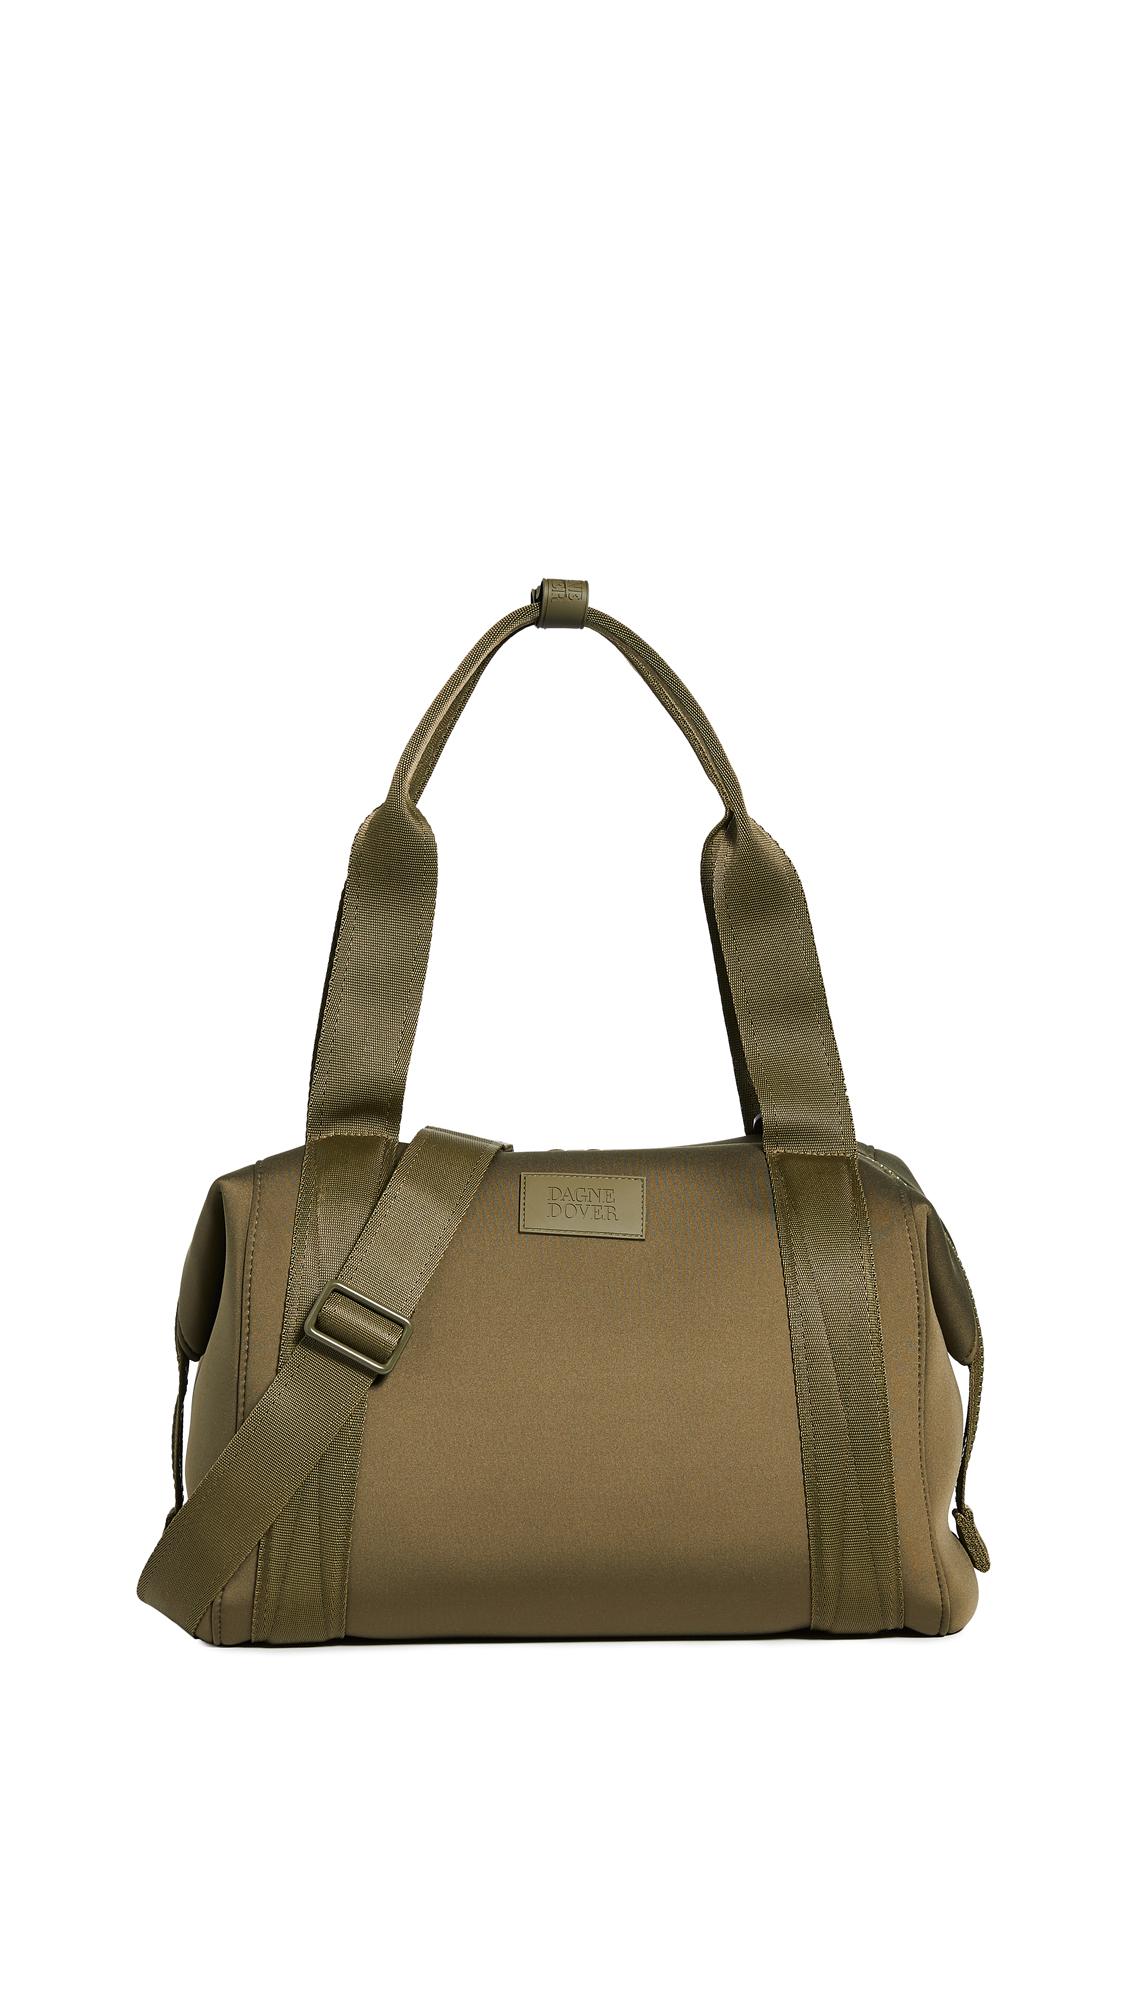 Dagne Dover Landon Medium Carryall Duffel Bag